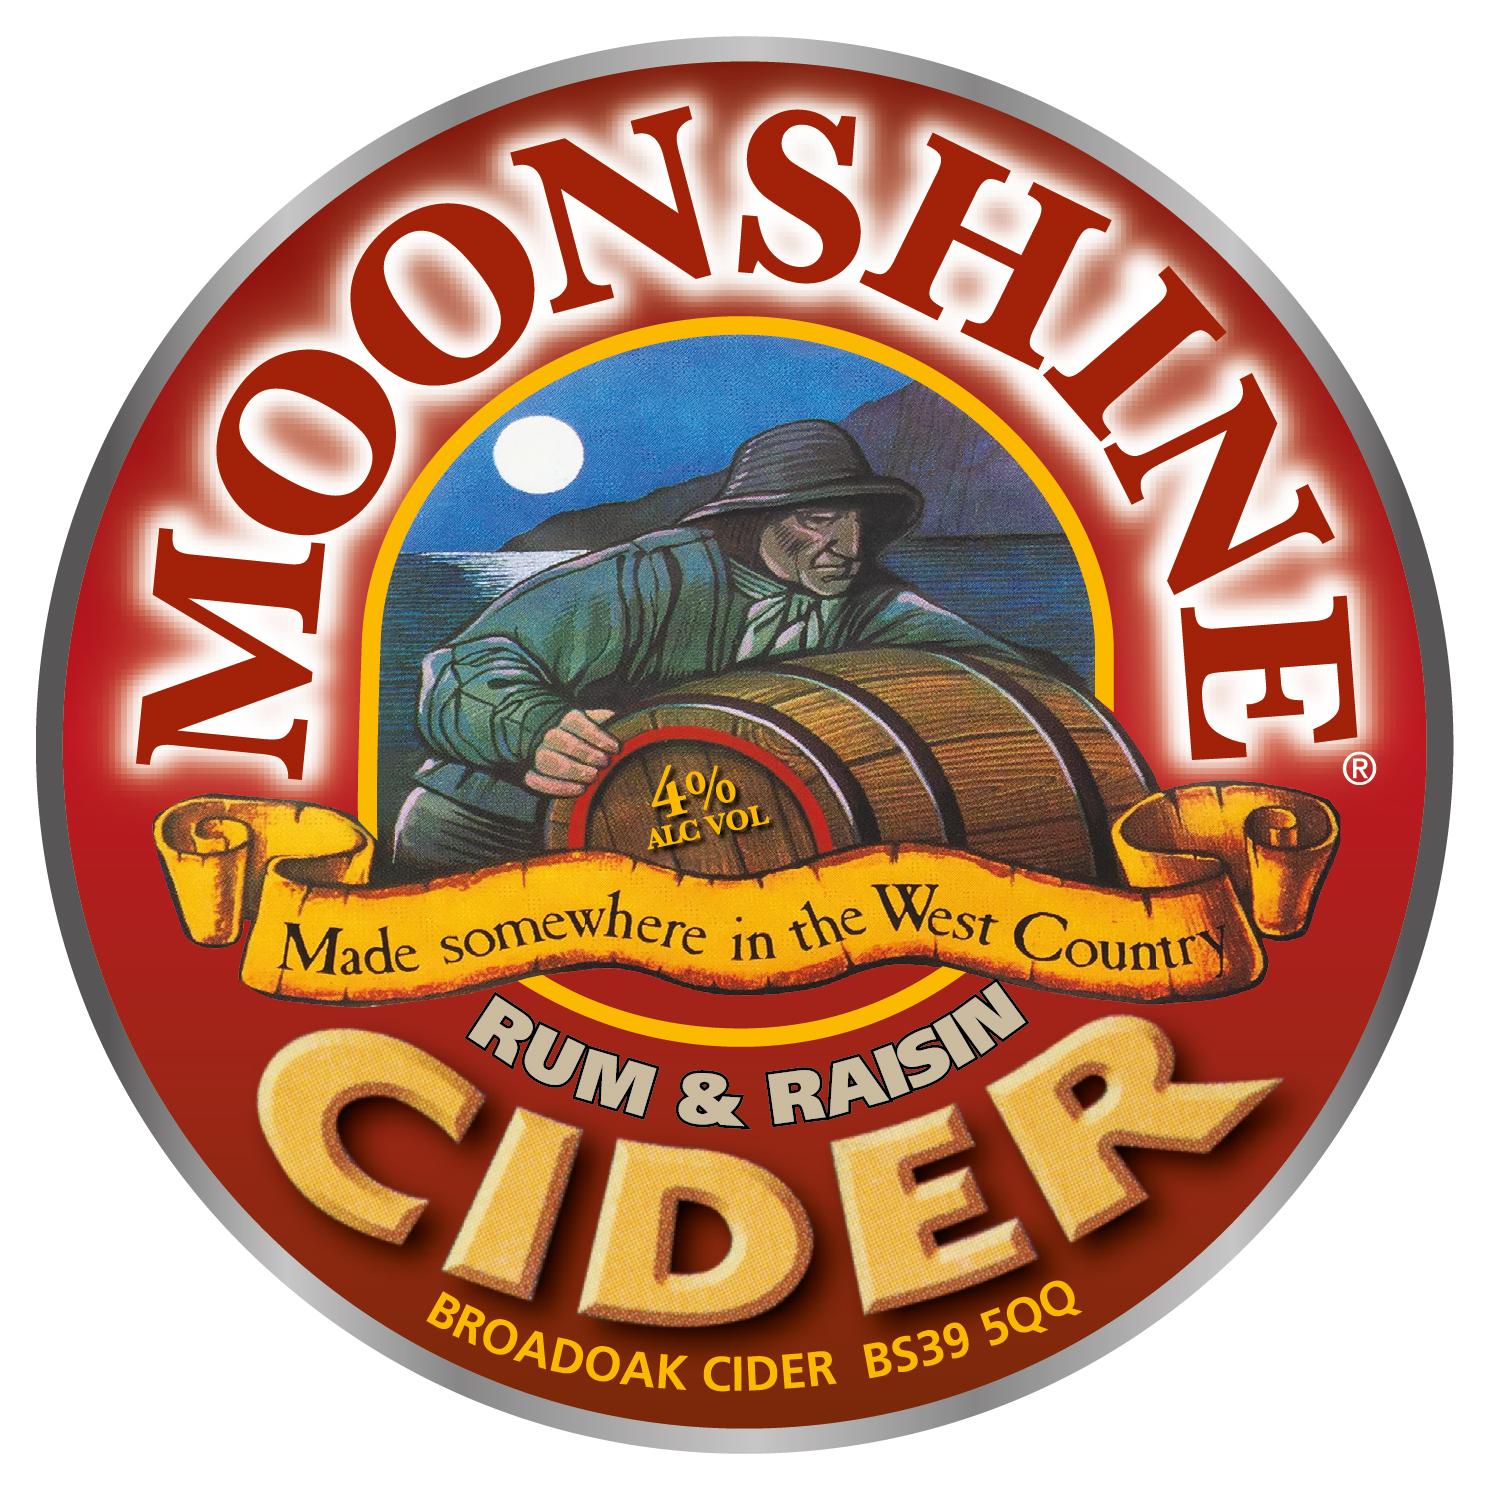 Broadoak Moonshine Rum & Raisin 20Ltr Bag in Box Clear 4.0%